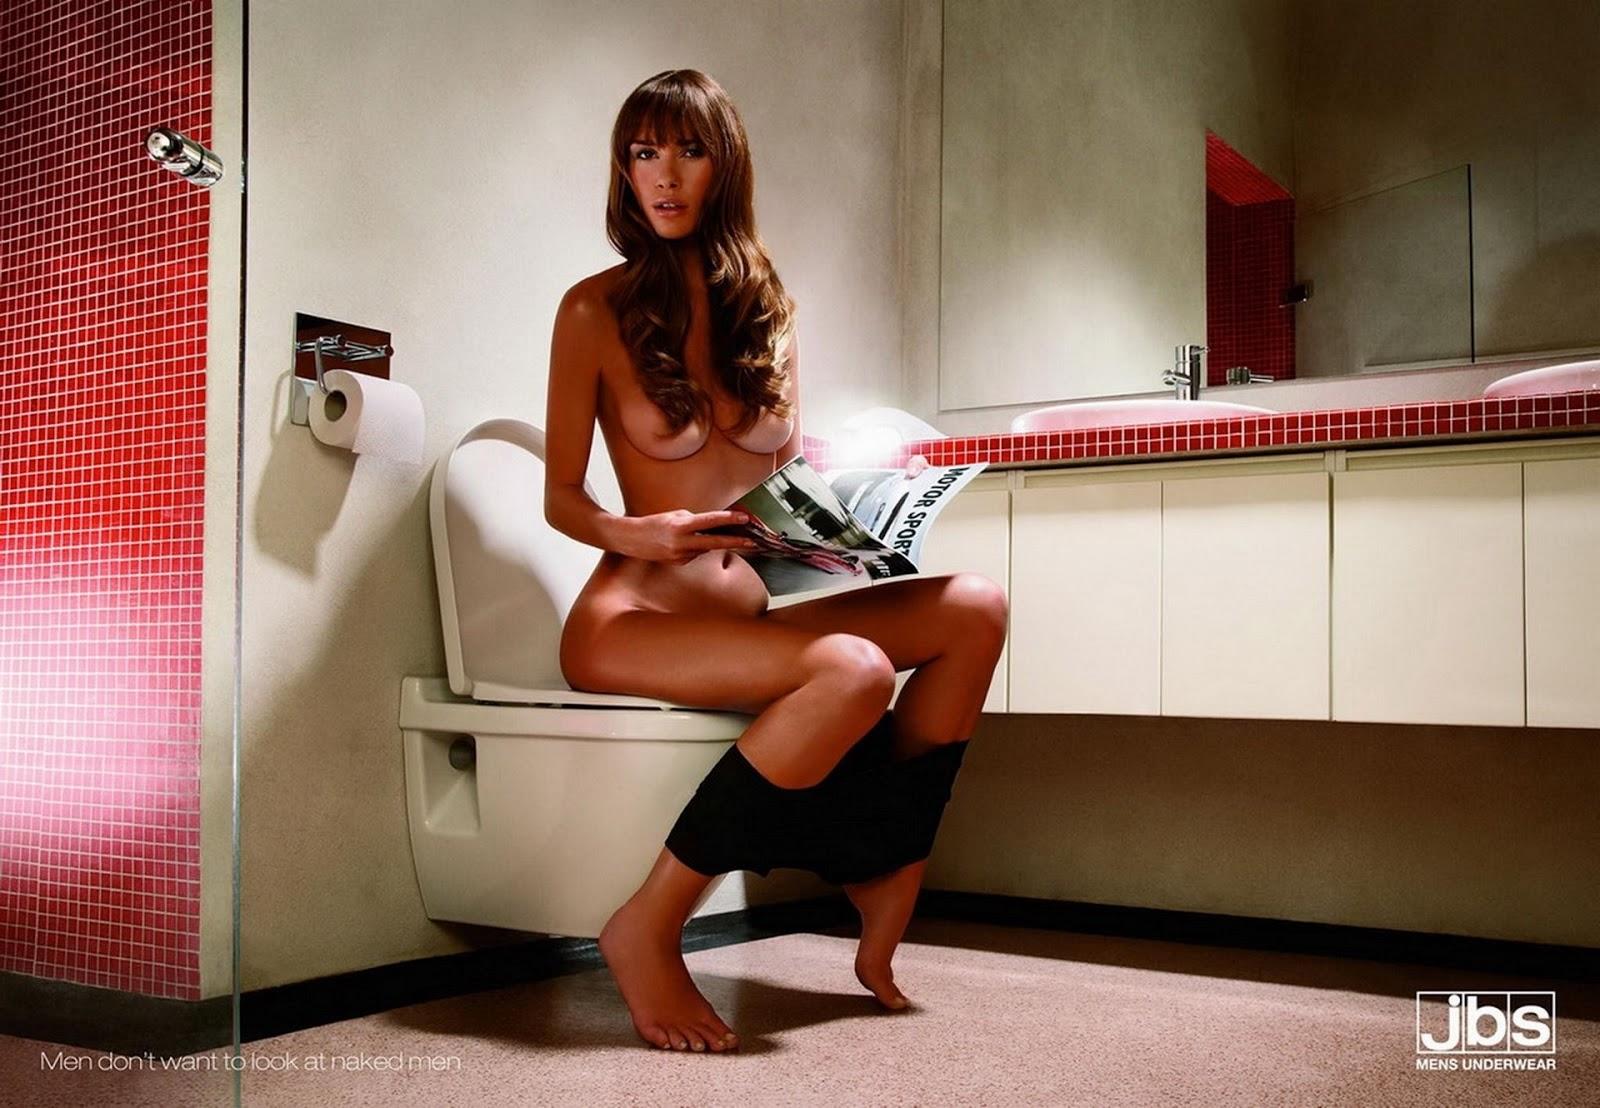 Эротические картинки девушек на унитазе 7 фотография